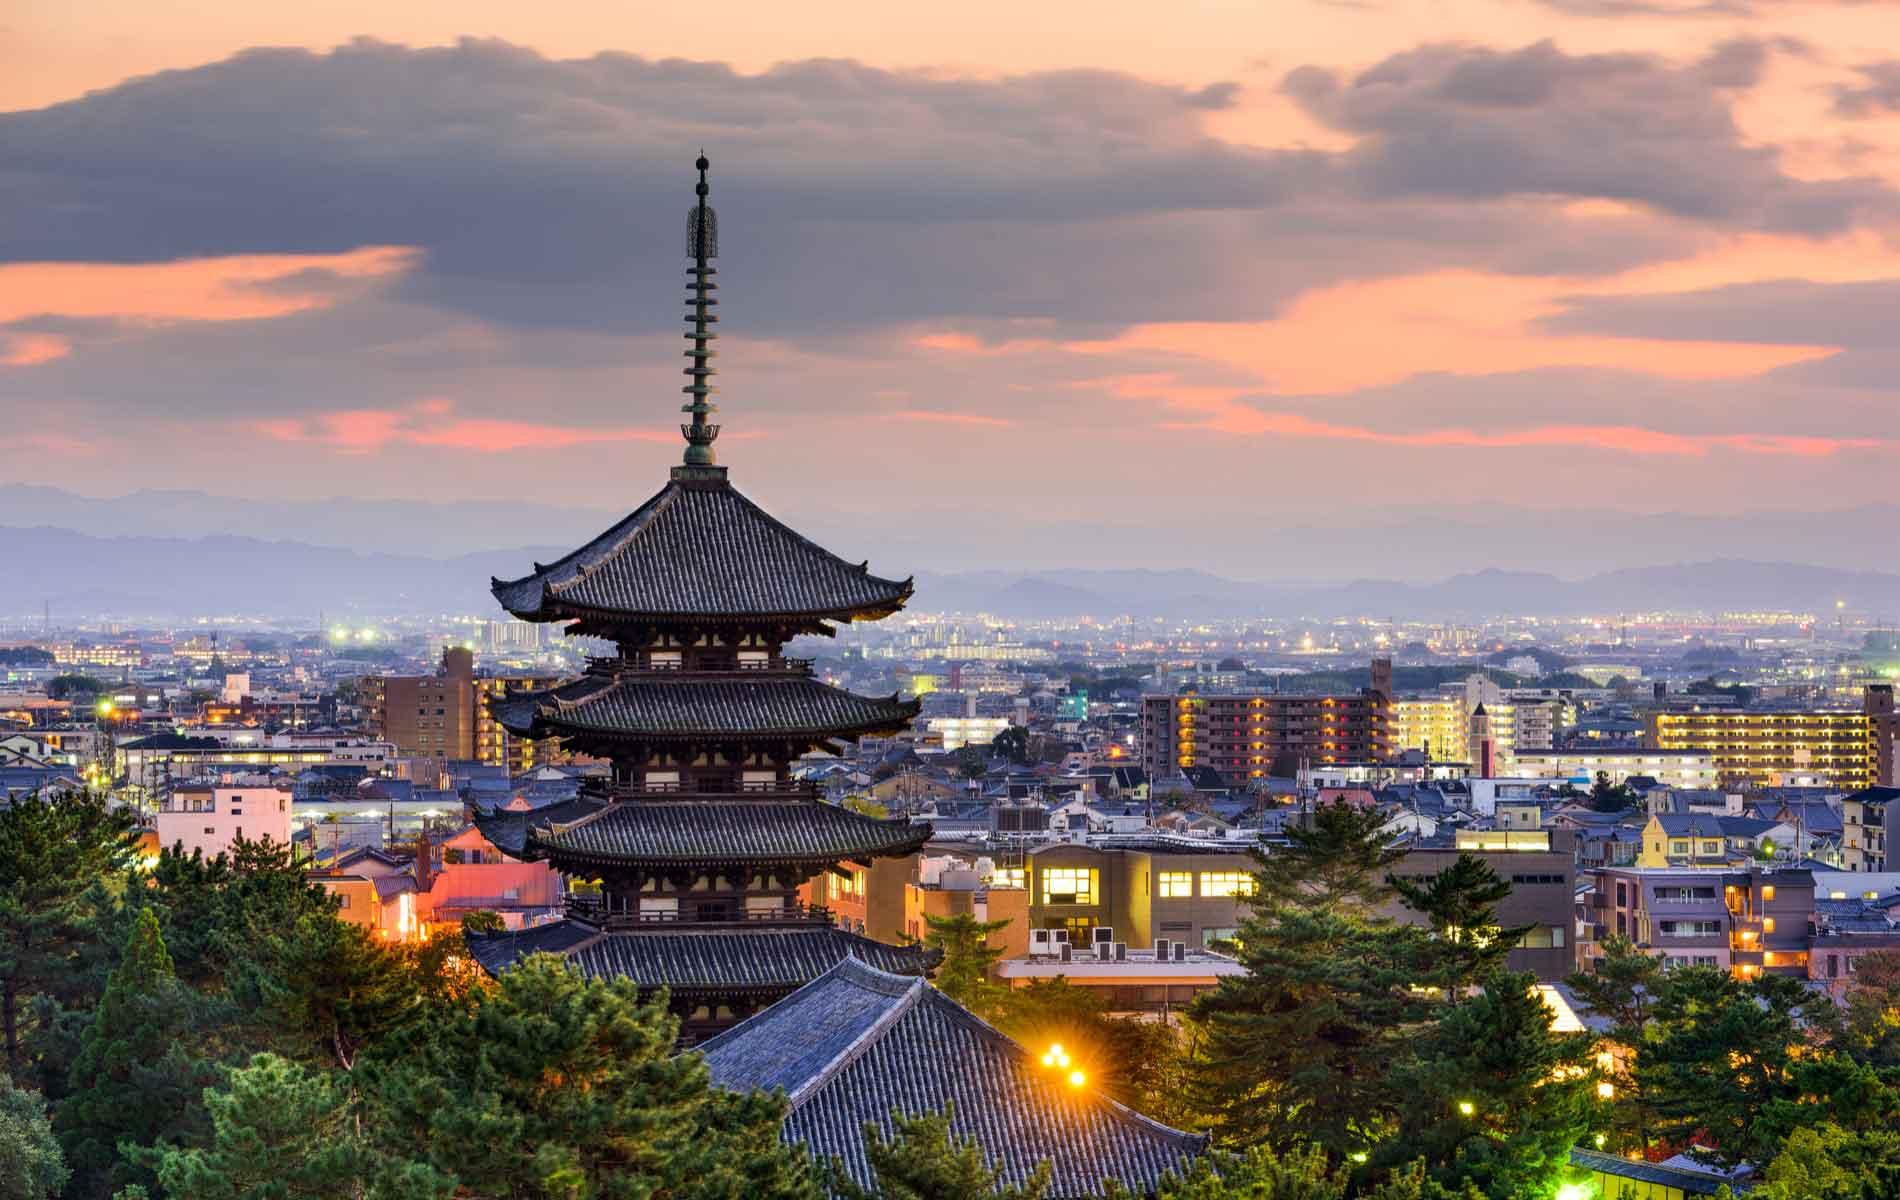 A pagoda in Nara, Japan